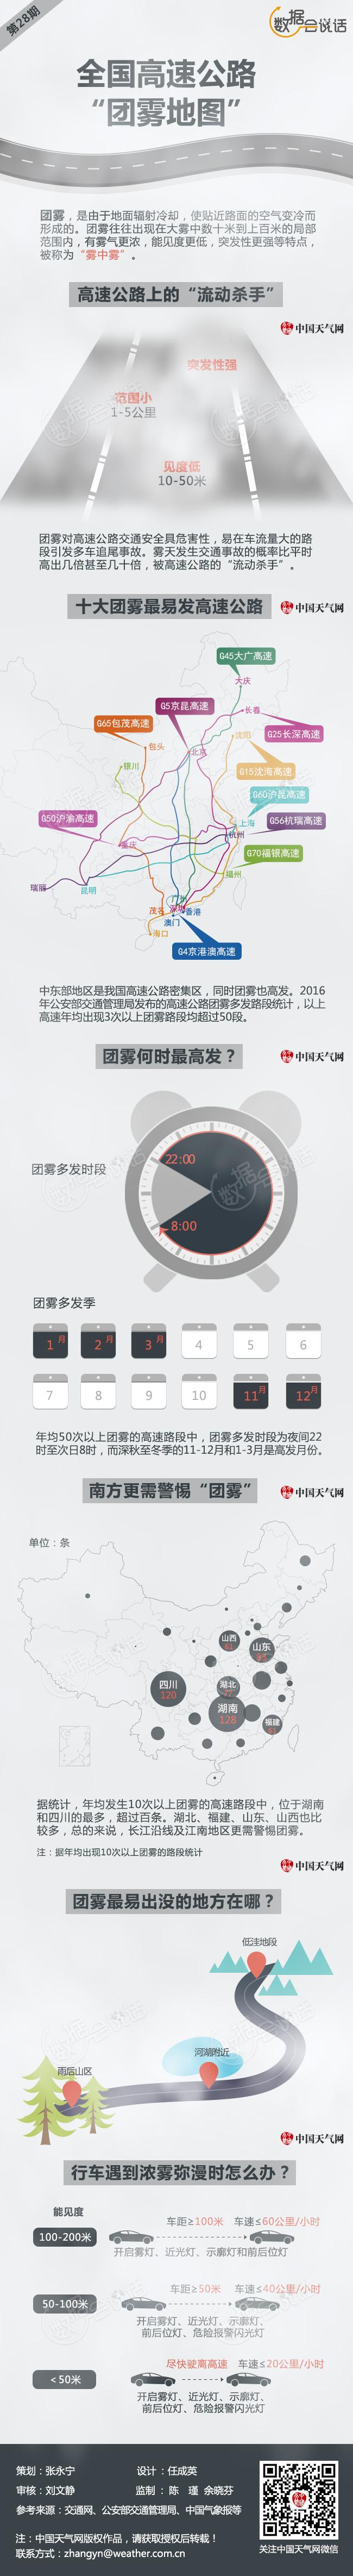 团雾-2.jpg